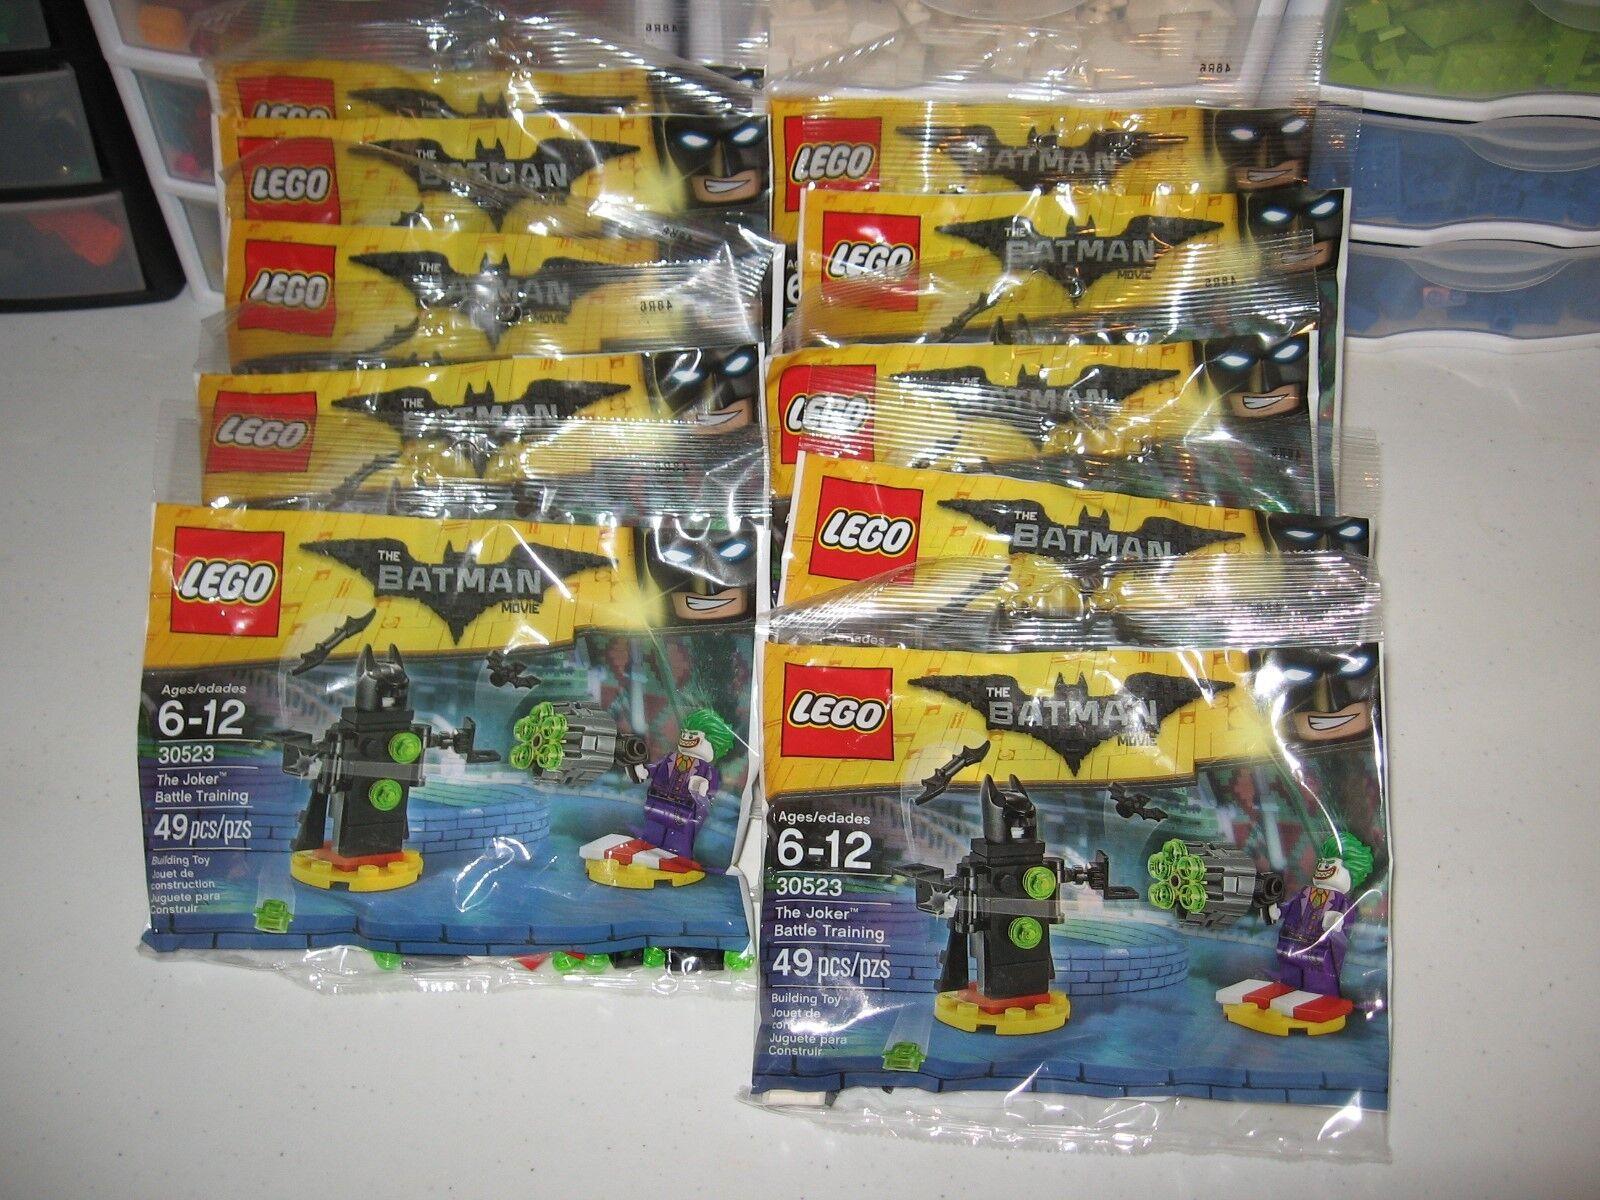 Lego Lego Lego Niño Fiesta De Cumpleaños Lote de 10 el Guasón batalla de formación  precios mas baratos